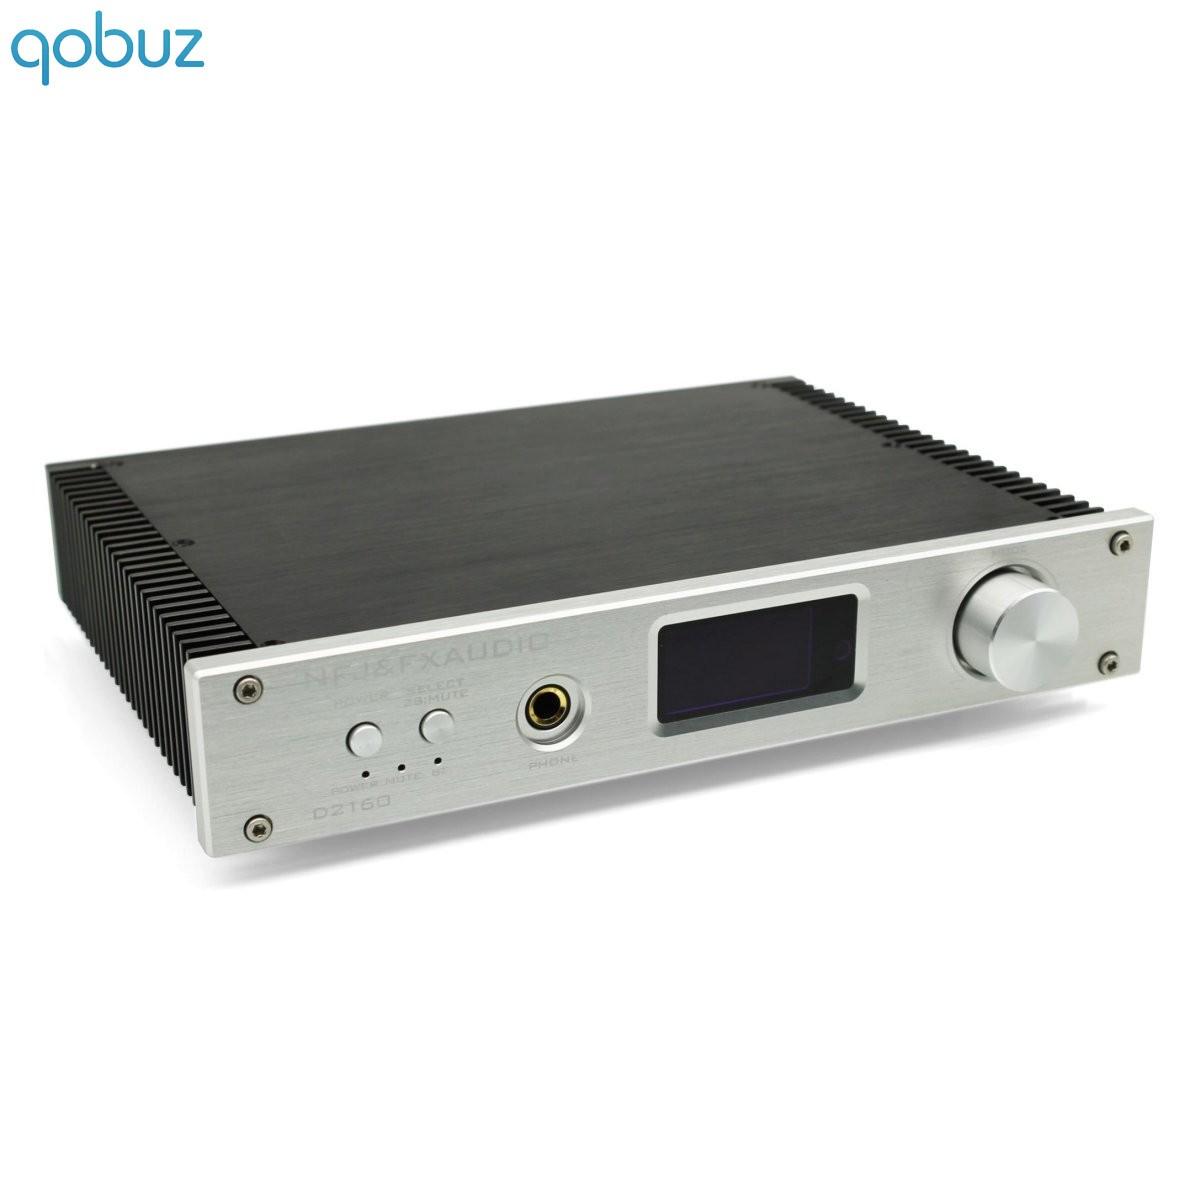 FX-AUDIO D2160 Amplificateur FDA Bluetooth 4.2 Class D TAS5614 2x65W 8 Ohms Argent